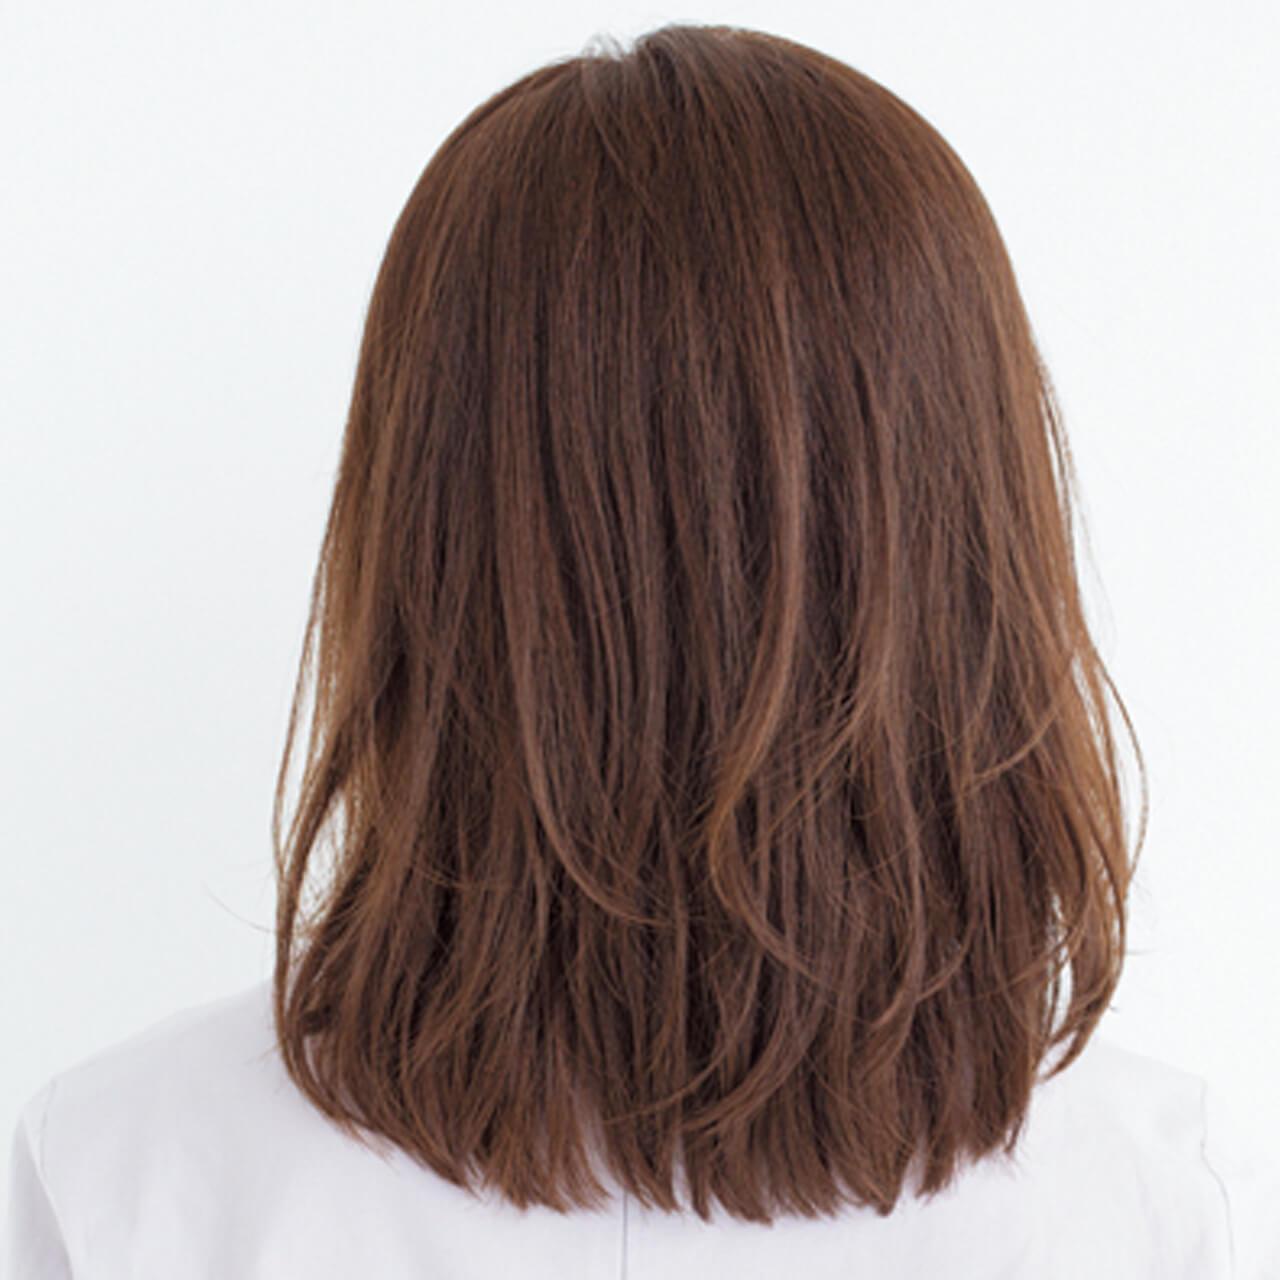 スッキリ見える外ハネの動きで髪の重さから目をそらして【40代のボブヘア】_1_3